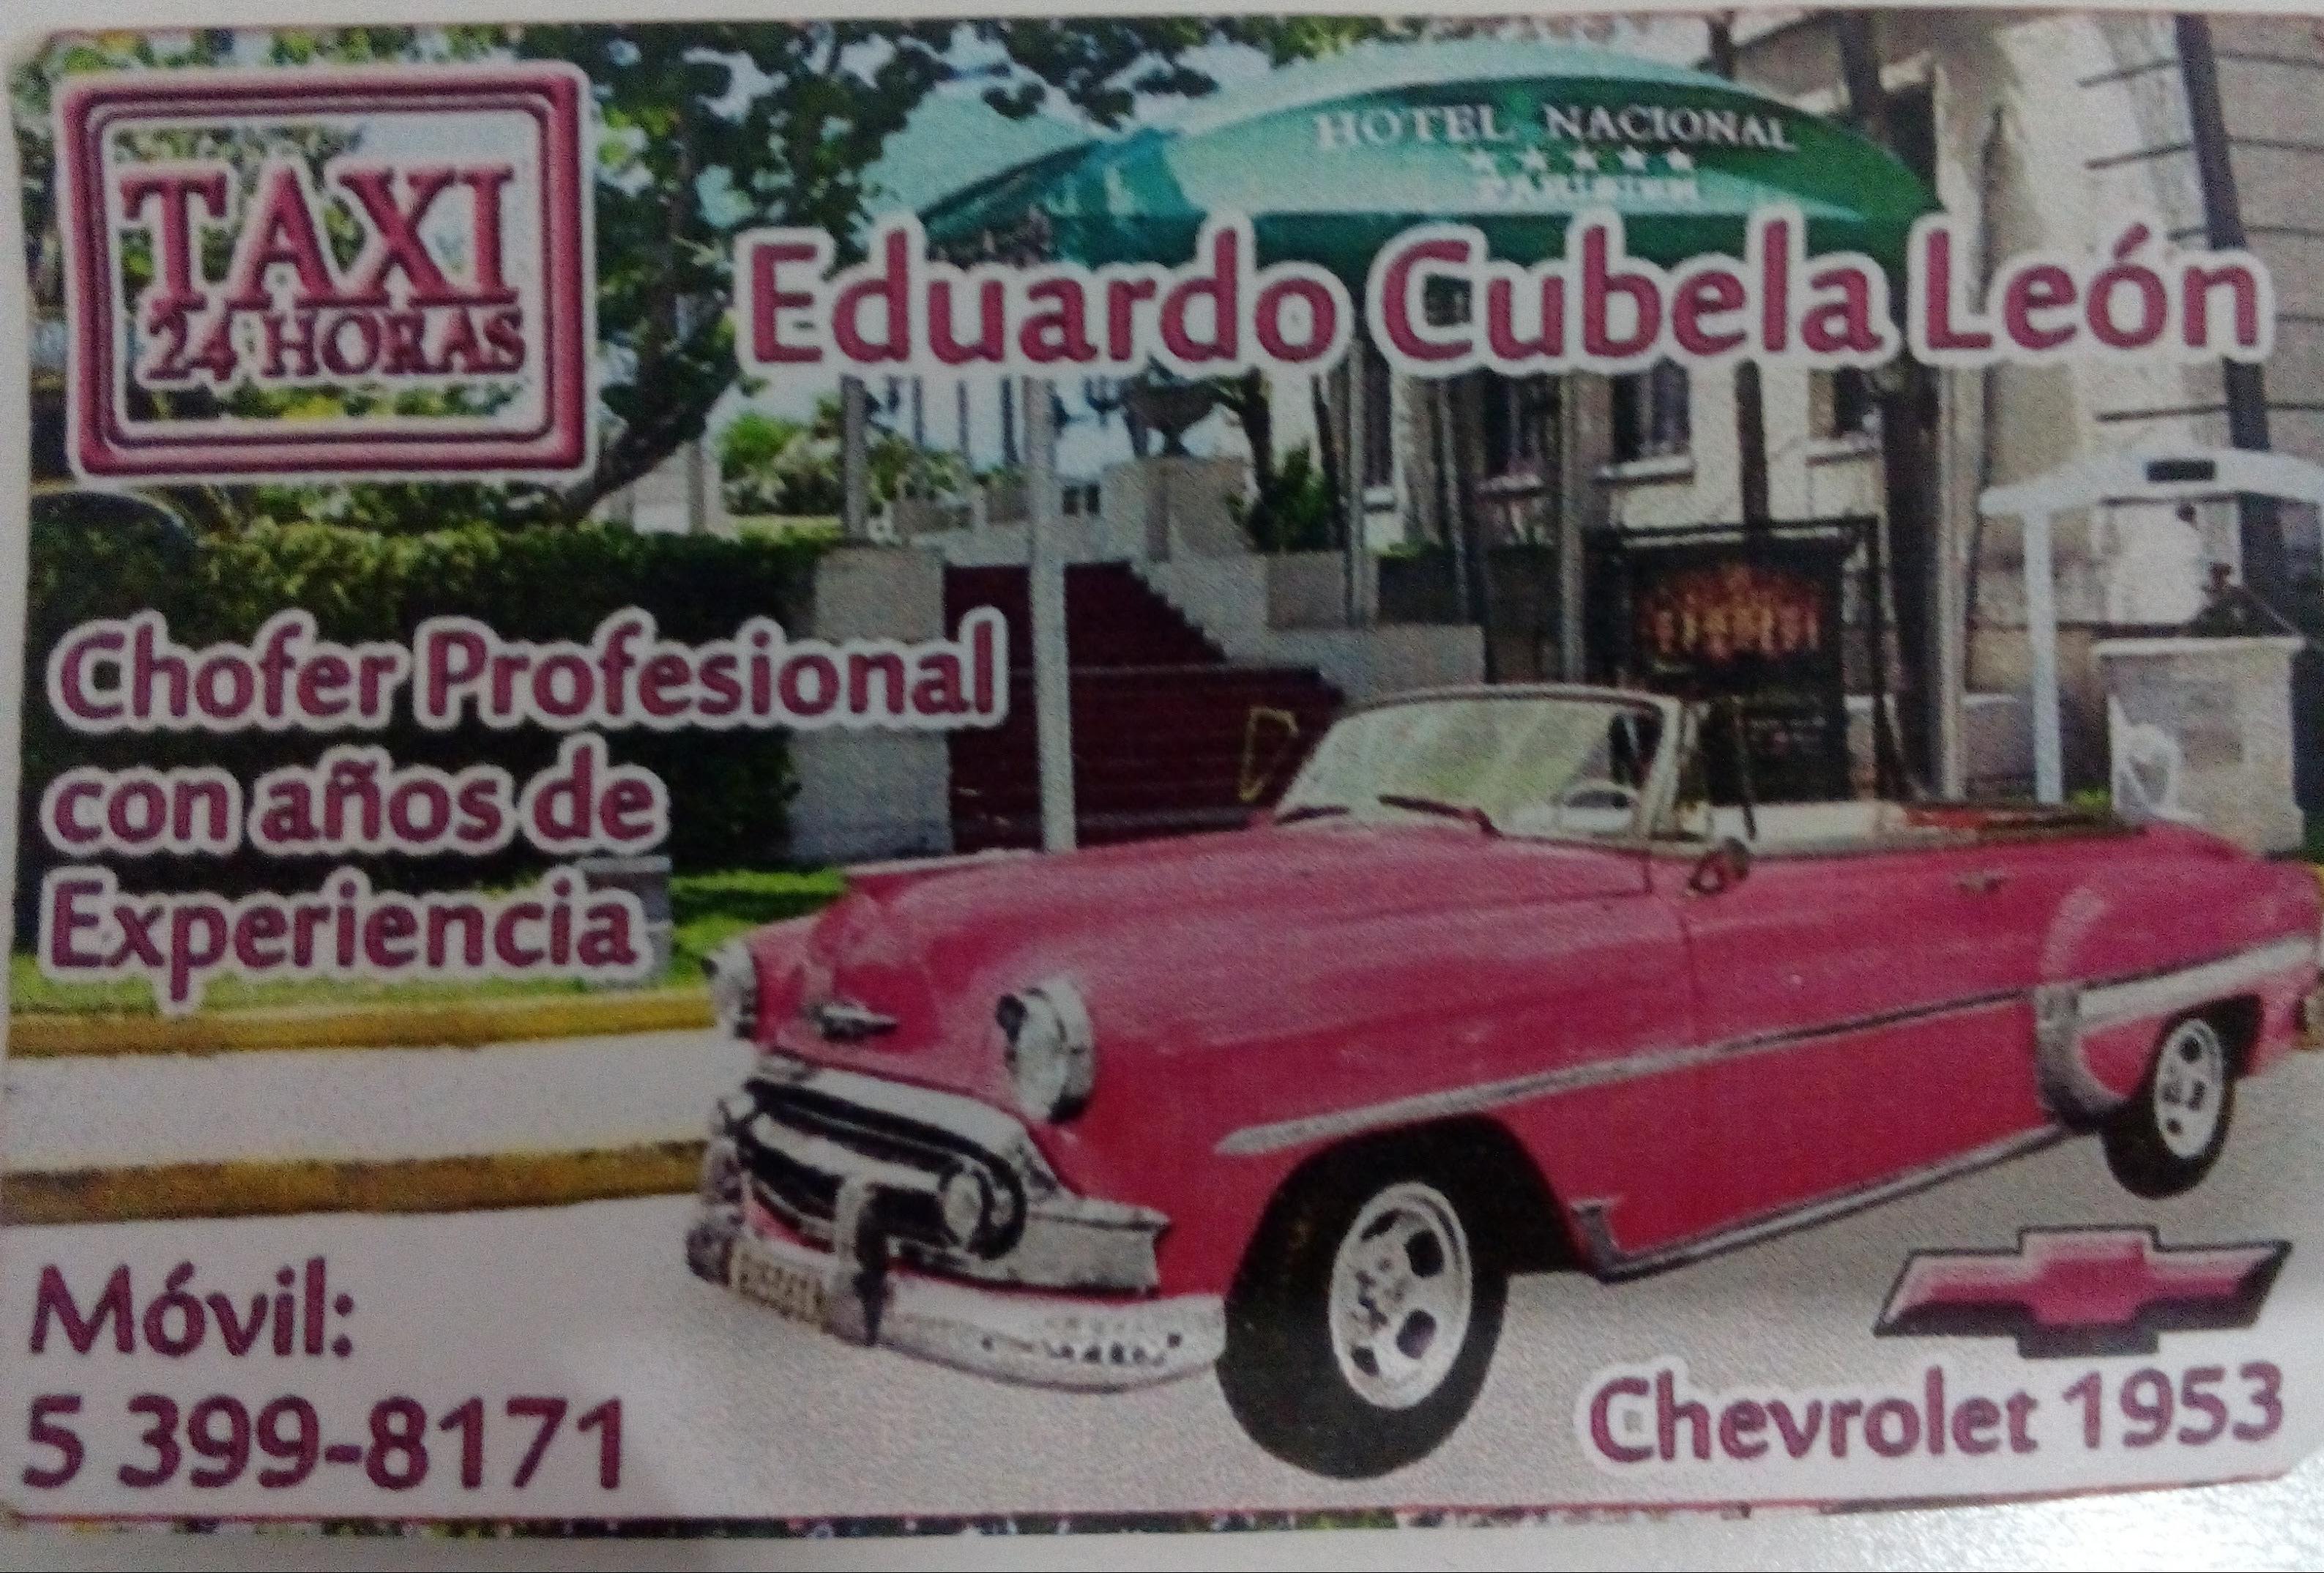 Eduardo Cubela, el mejor chofer en la habana